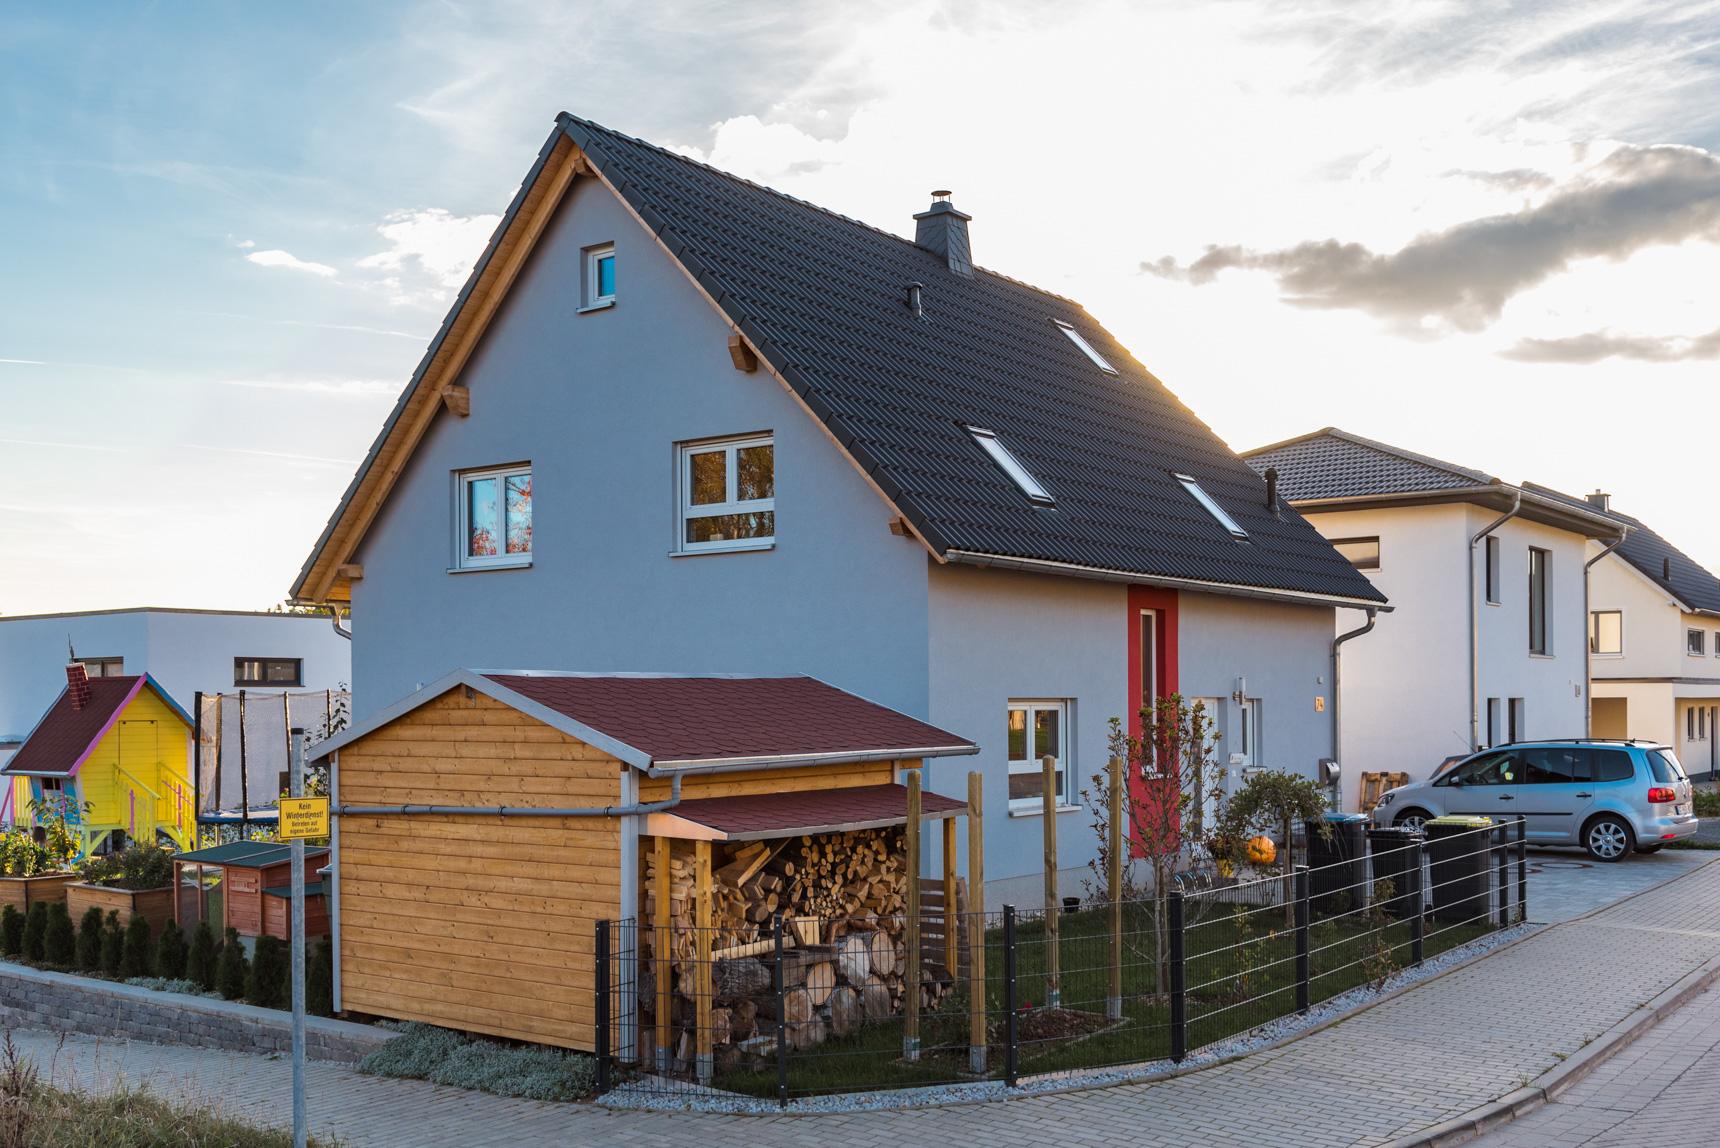 Referenz - Chemnitz - AGL Massivhaus Projektbau GmbH